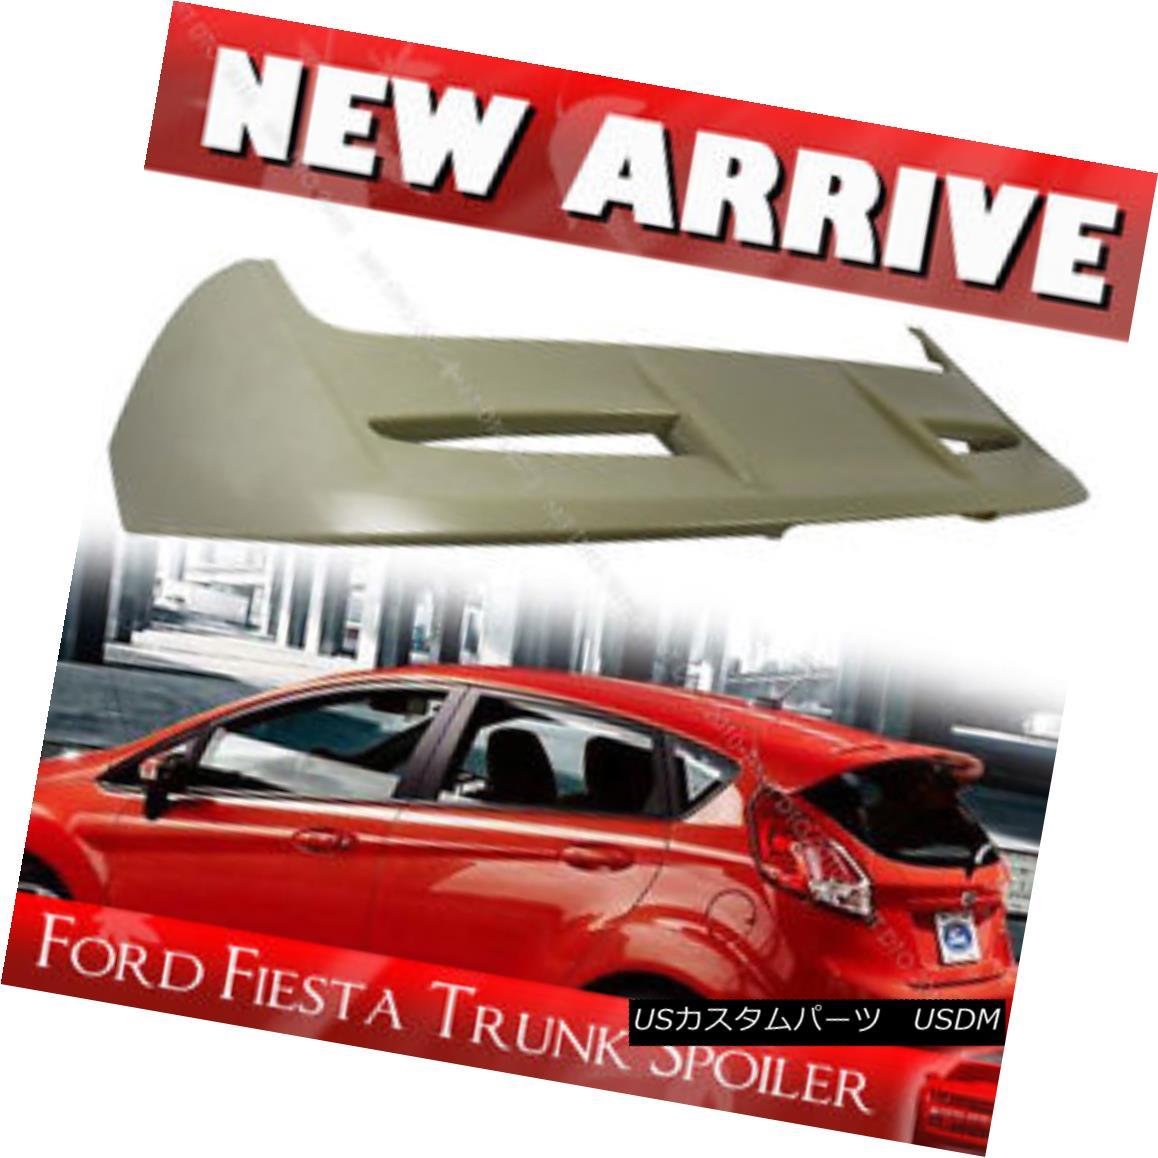 エアロパーツ Unpainted For Ford 6th Fiesta Hatchback OE Type Light Spoiler Wing 11 16 フォード6thフィエスタハッチバックOEタイプライトスポイラーウイング11 16未塗装